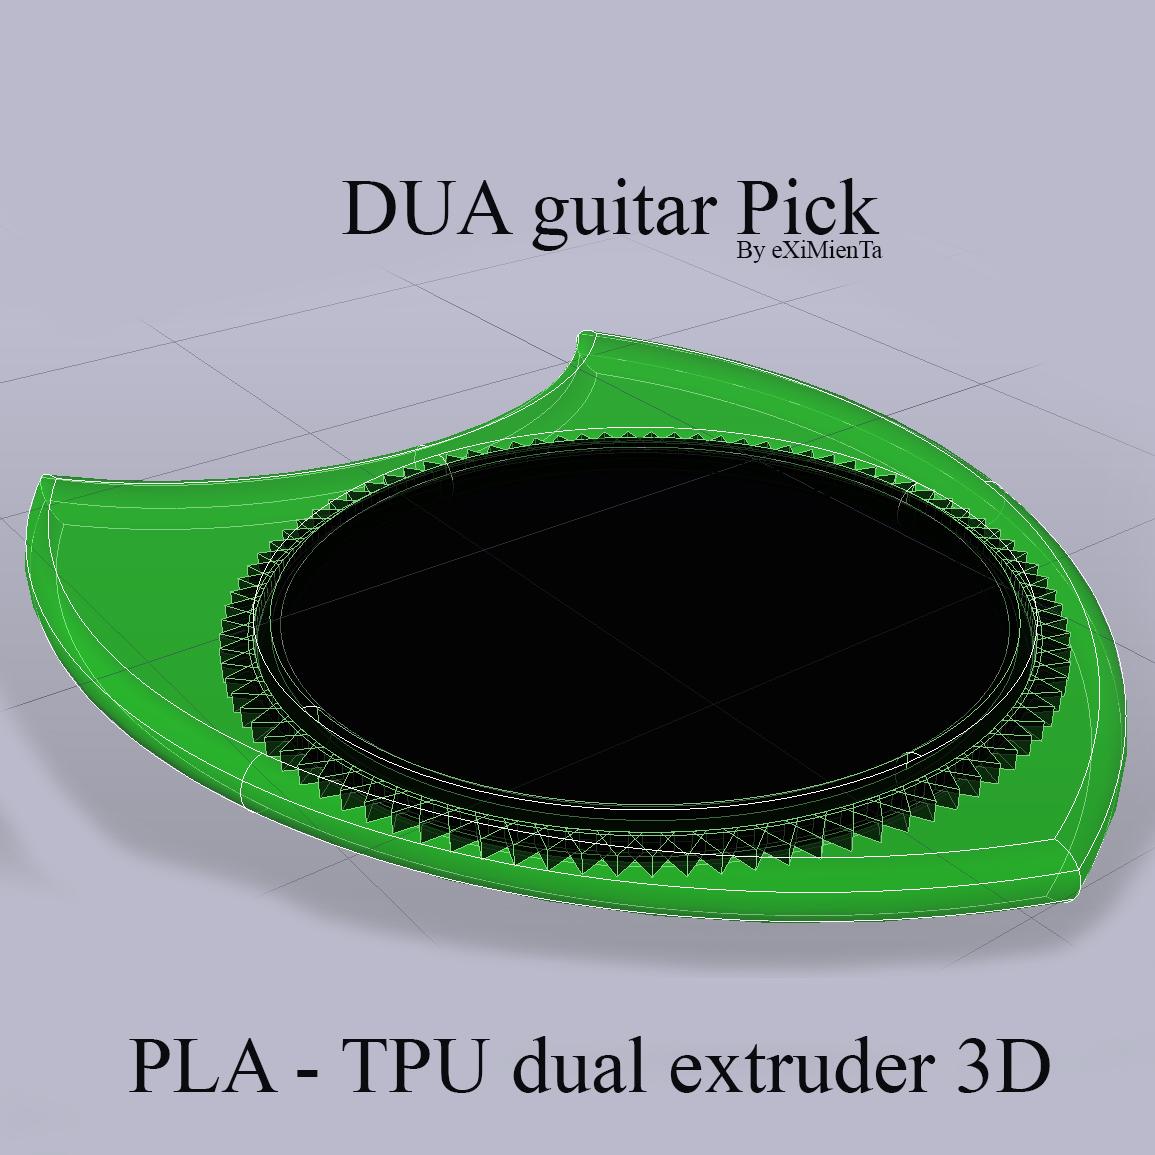 DUA guitar Pick By eXiMienTa PLA - TPU dual extruder 3D.jpg Télécharger fichier STL gratuit DUA 26X31mm guitare Pick By eXiMienTa PLA - double extrudeuse 3D TPU • Modèle imprimable en 3D, carleslluisar